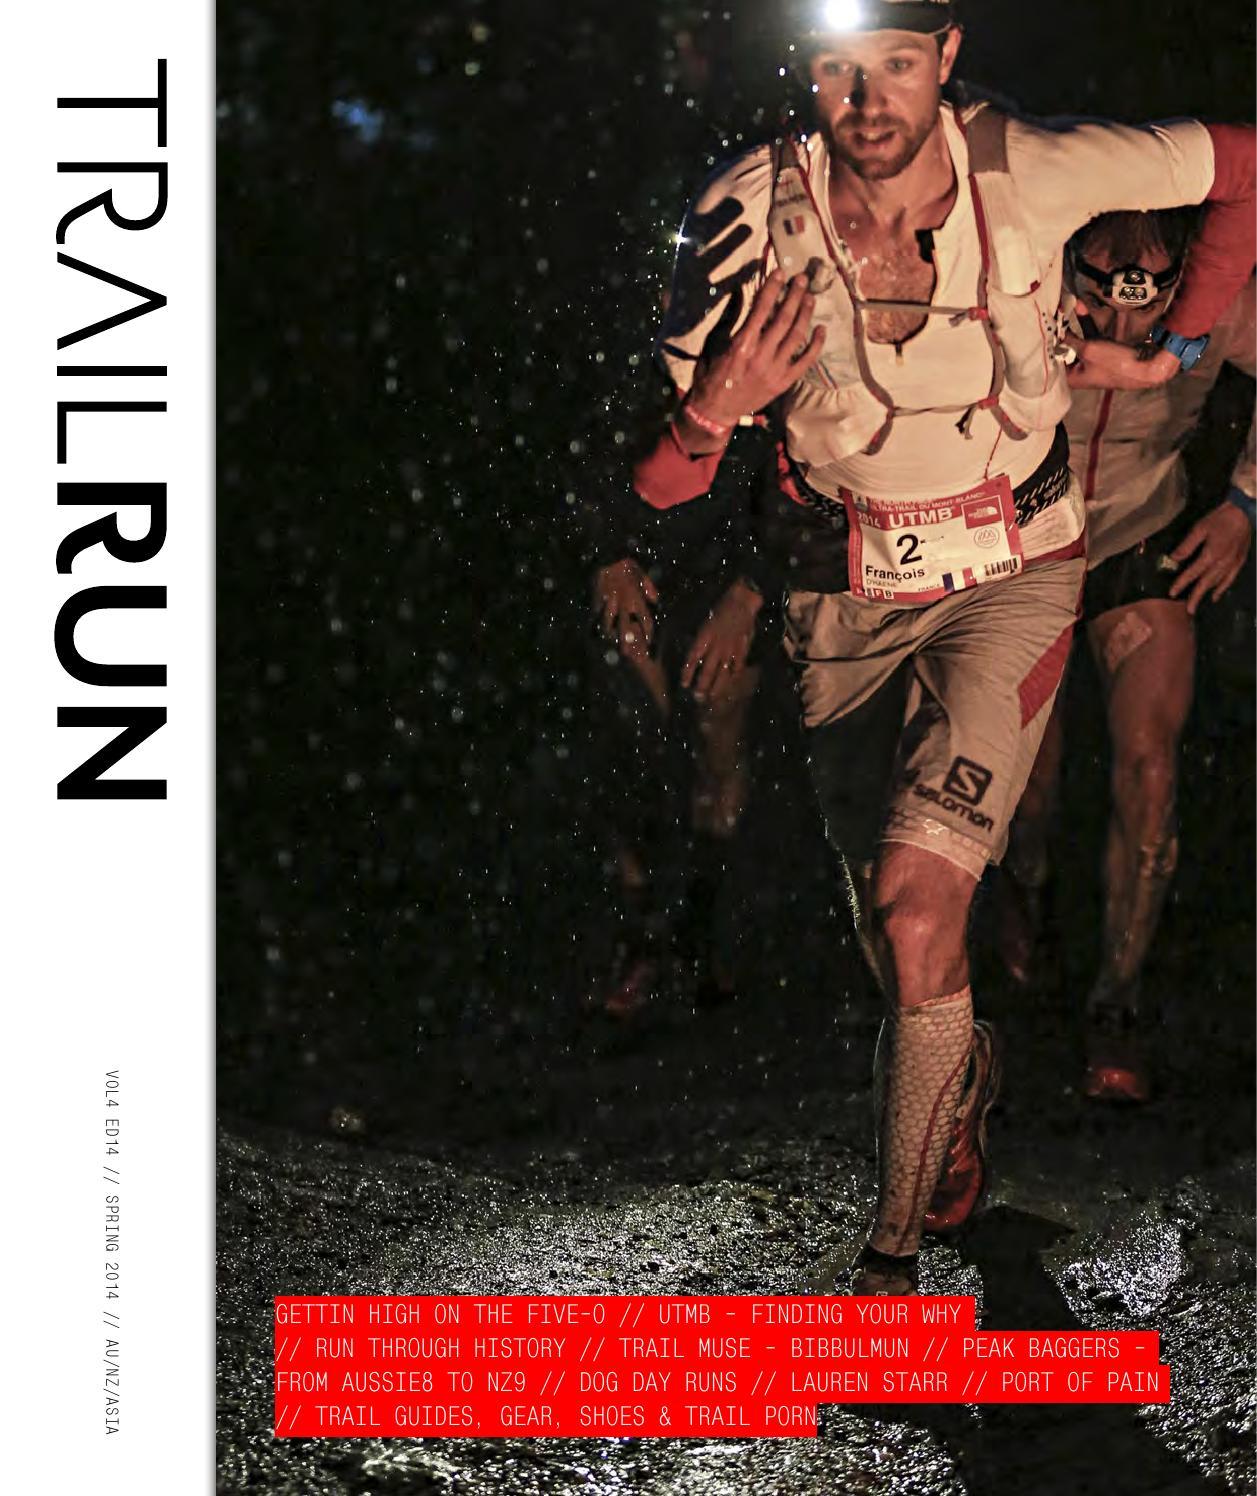 Ay Pllin Porno trailrunmagazine 14diego lezcano - issuu